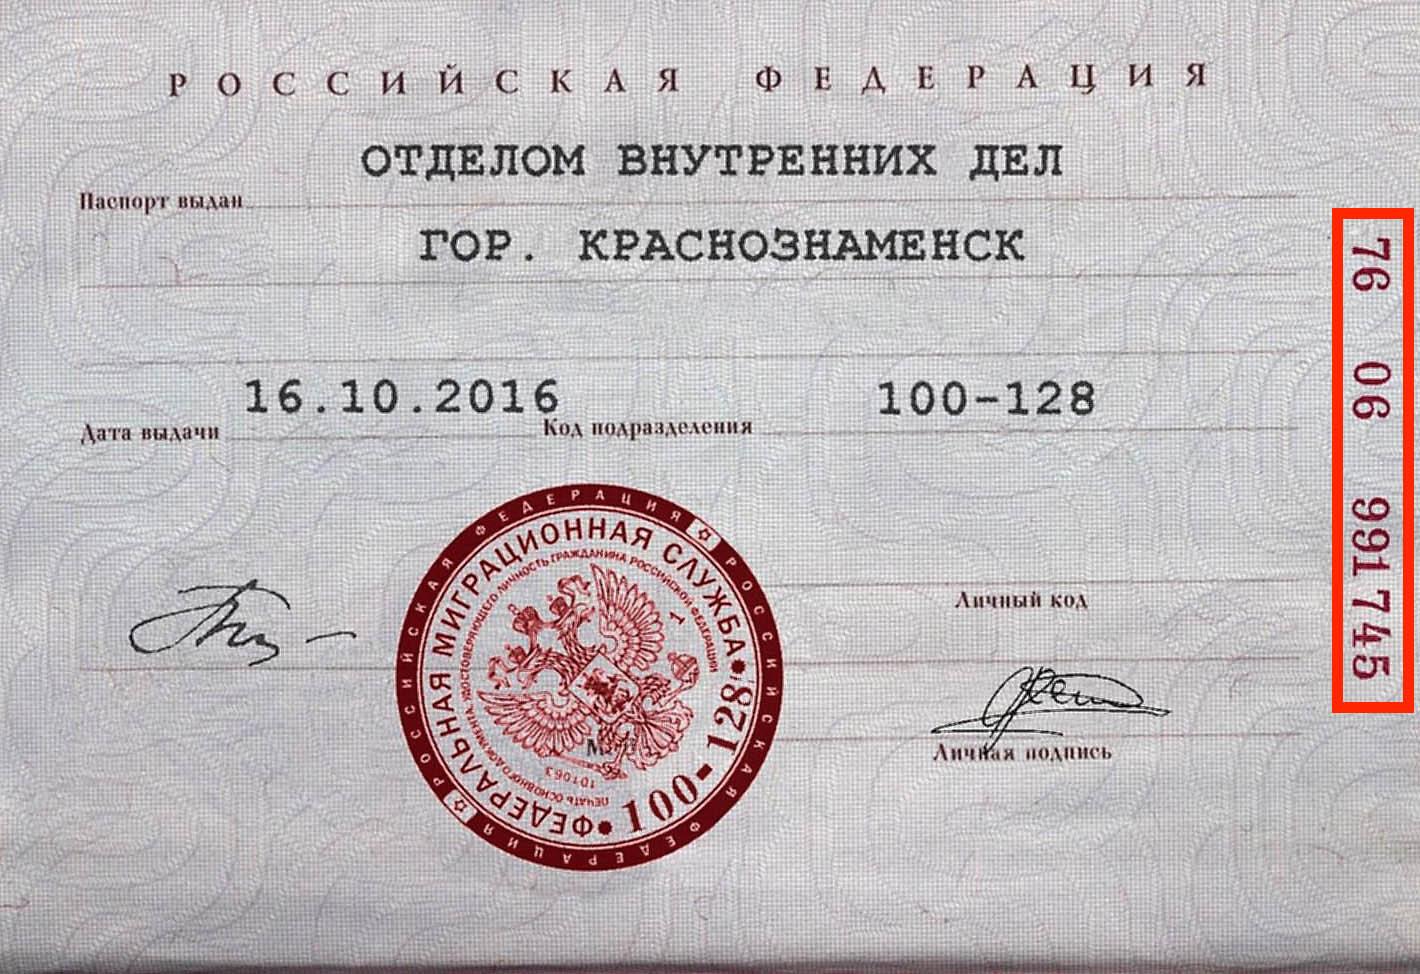 Как узнать по коду подразделения кем выдан паспорт